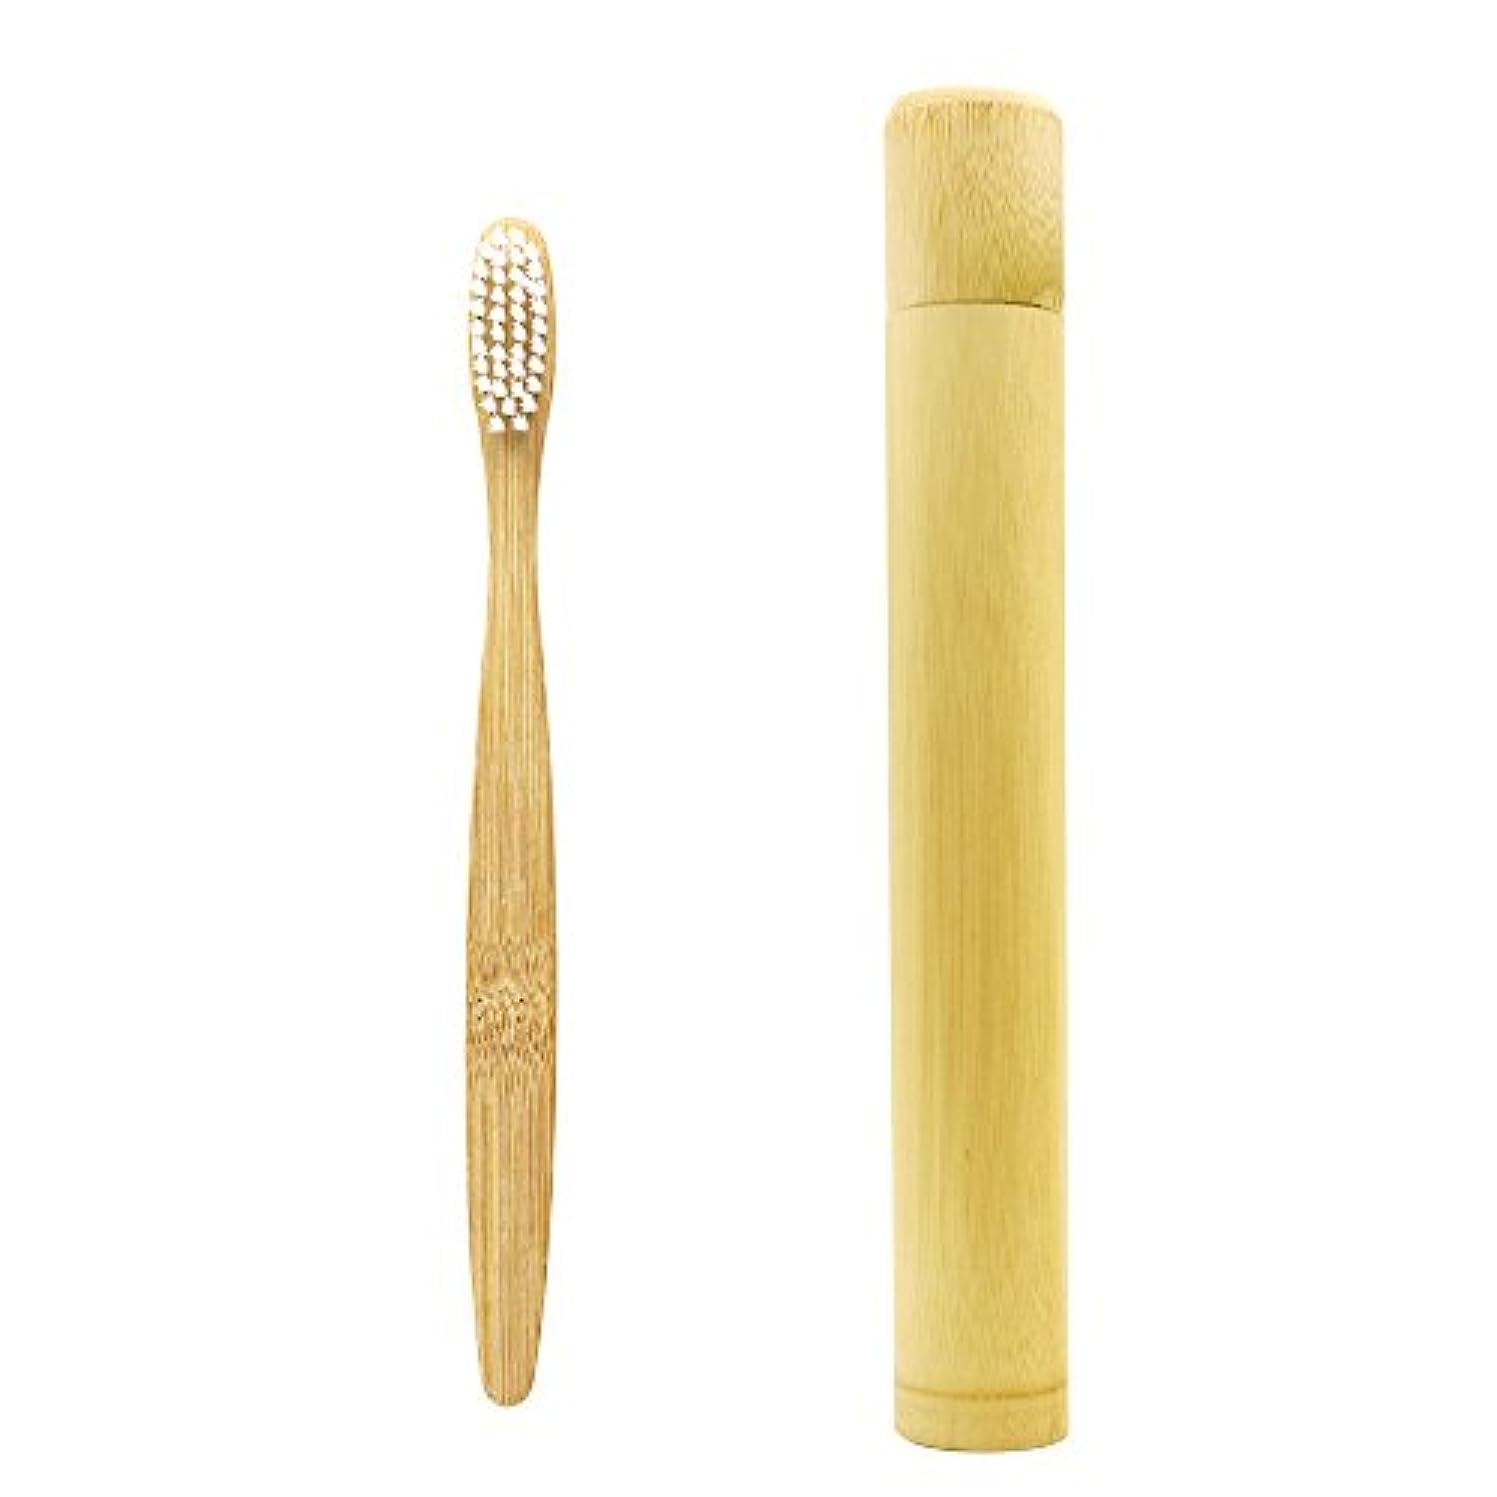 スツール彫刻家バリアN-amboo 竹製耐久度高い 白い歯ブラシ 携帯用 ケース付き セット 軽量 携帯便利 出張旅行